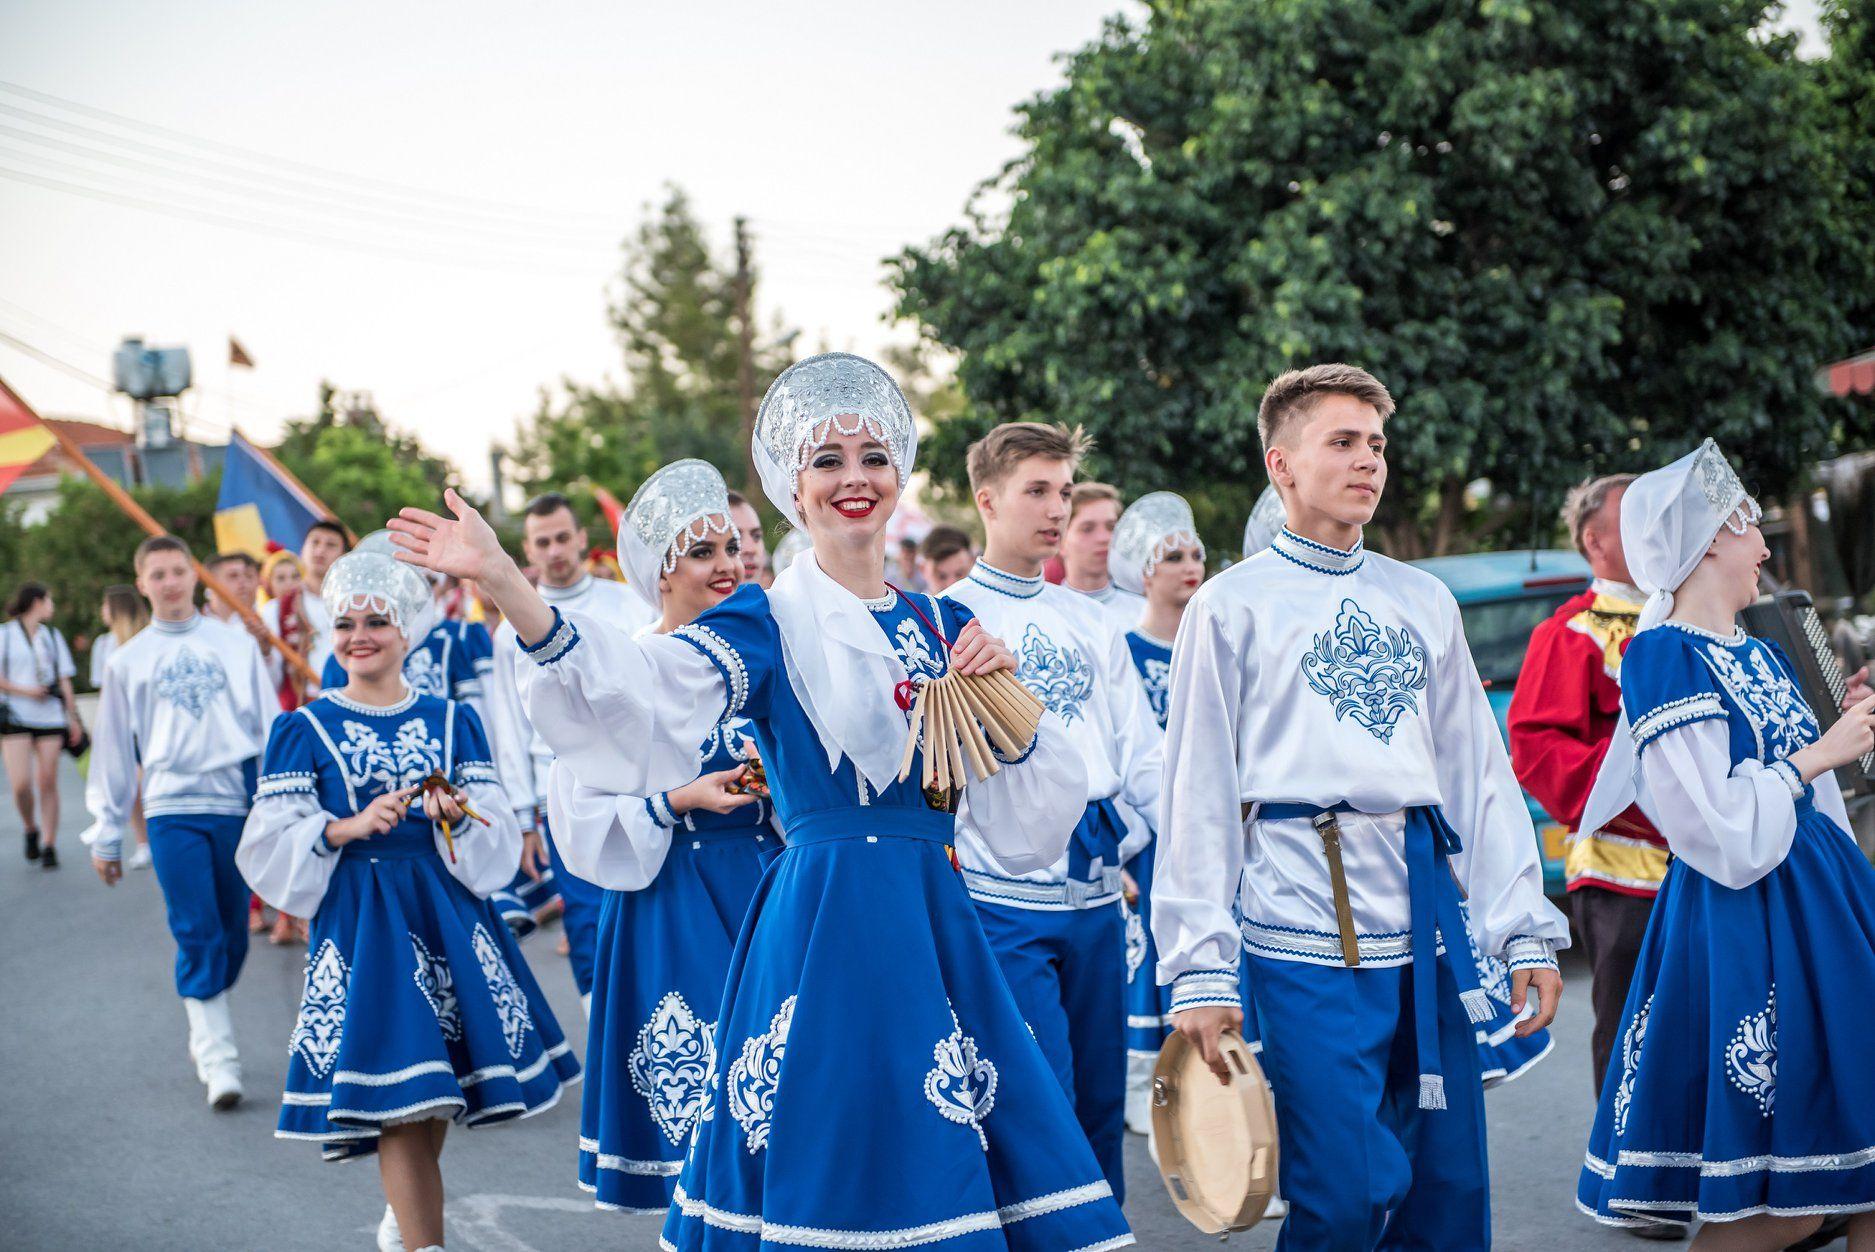 Завершился 50-й традиционный ежегодный фестиваль в Искеле